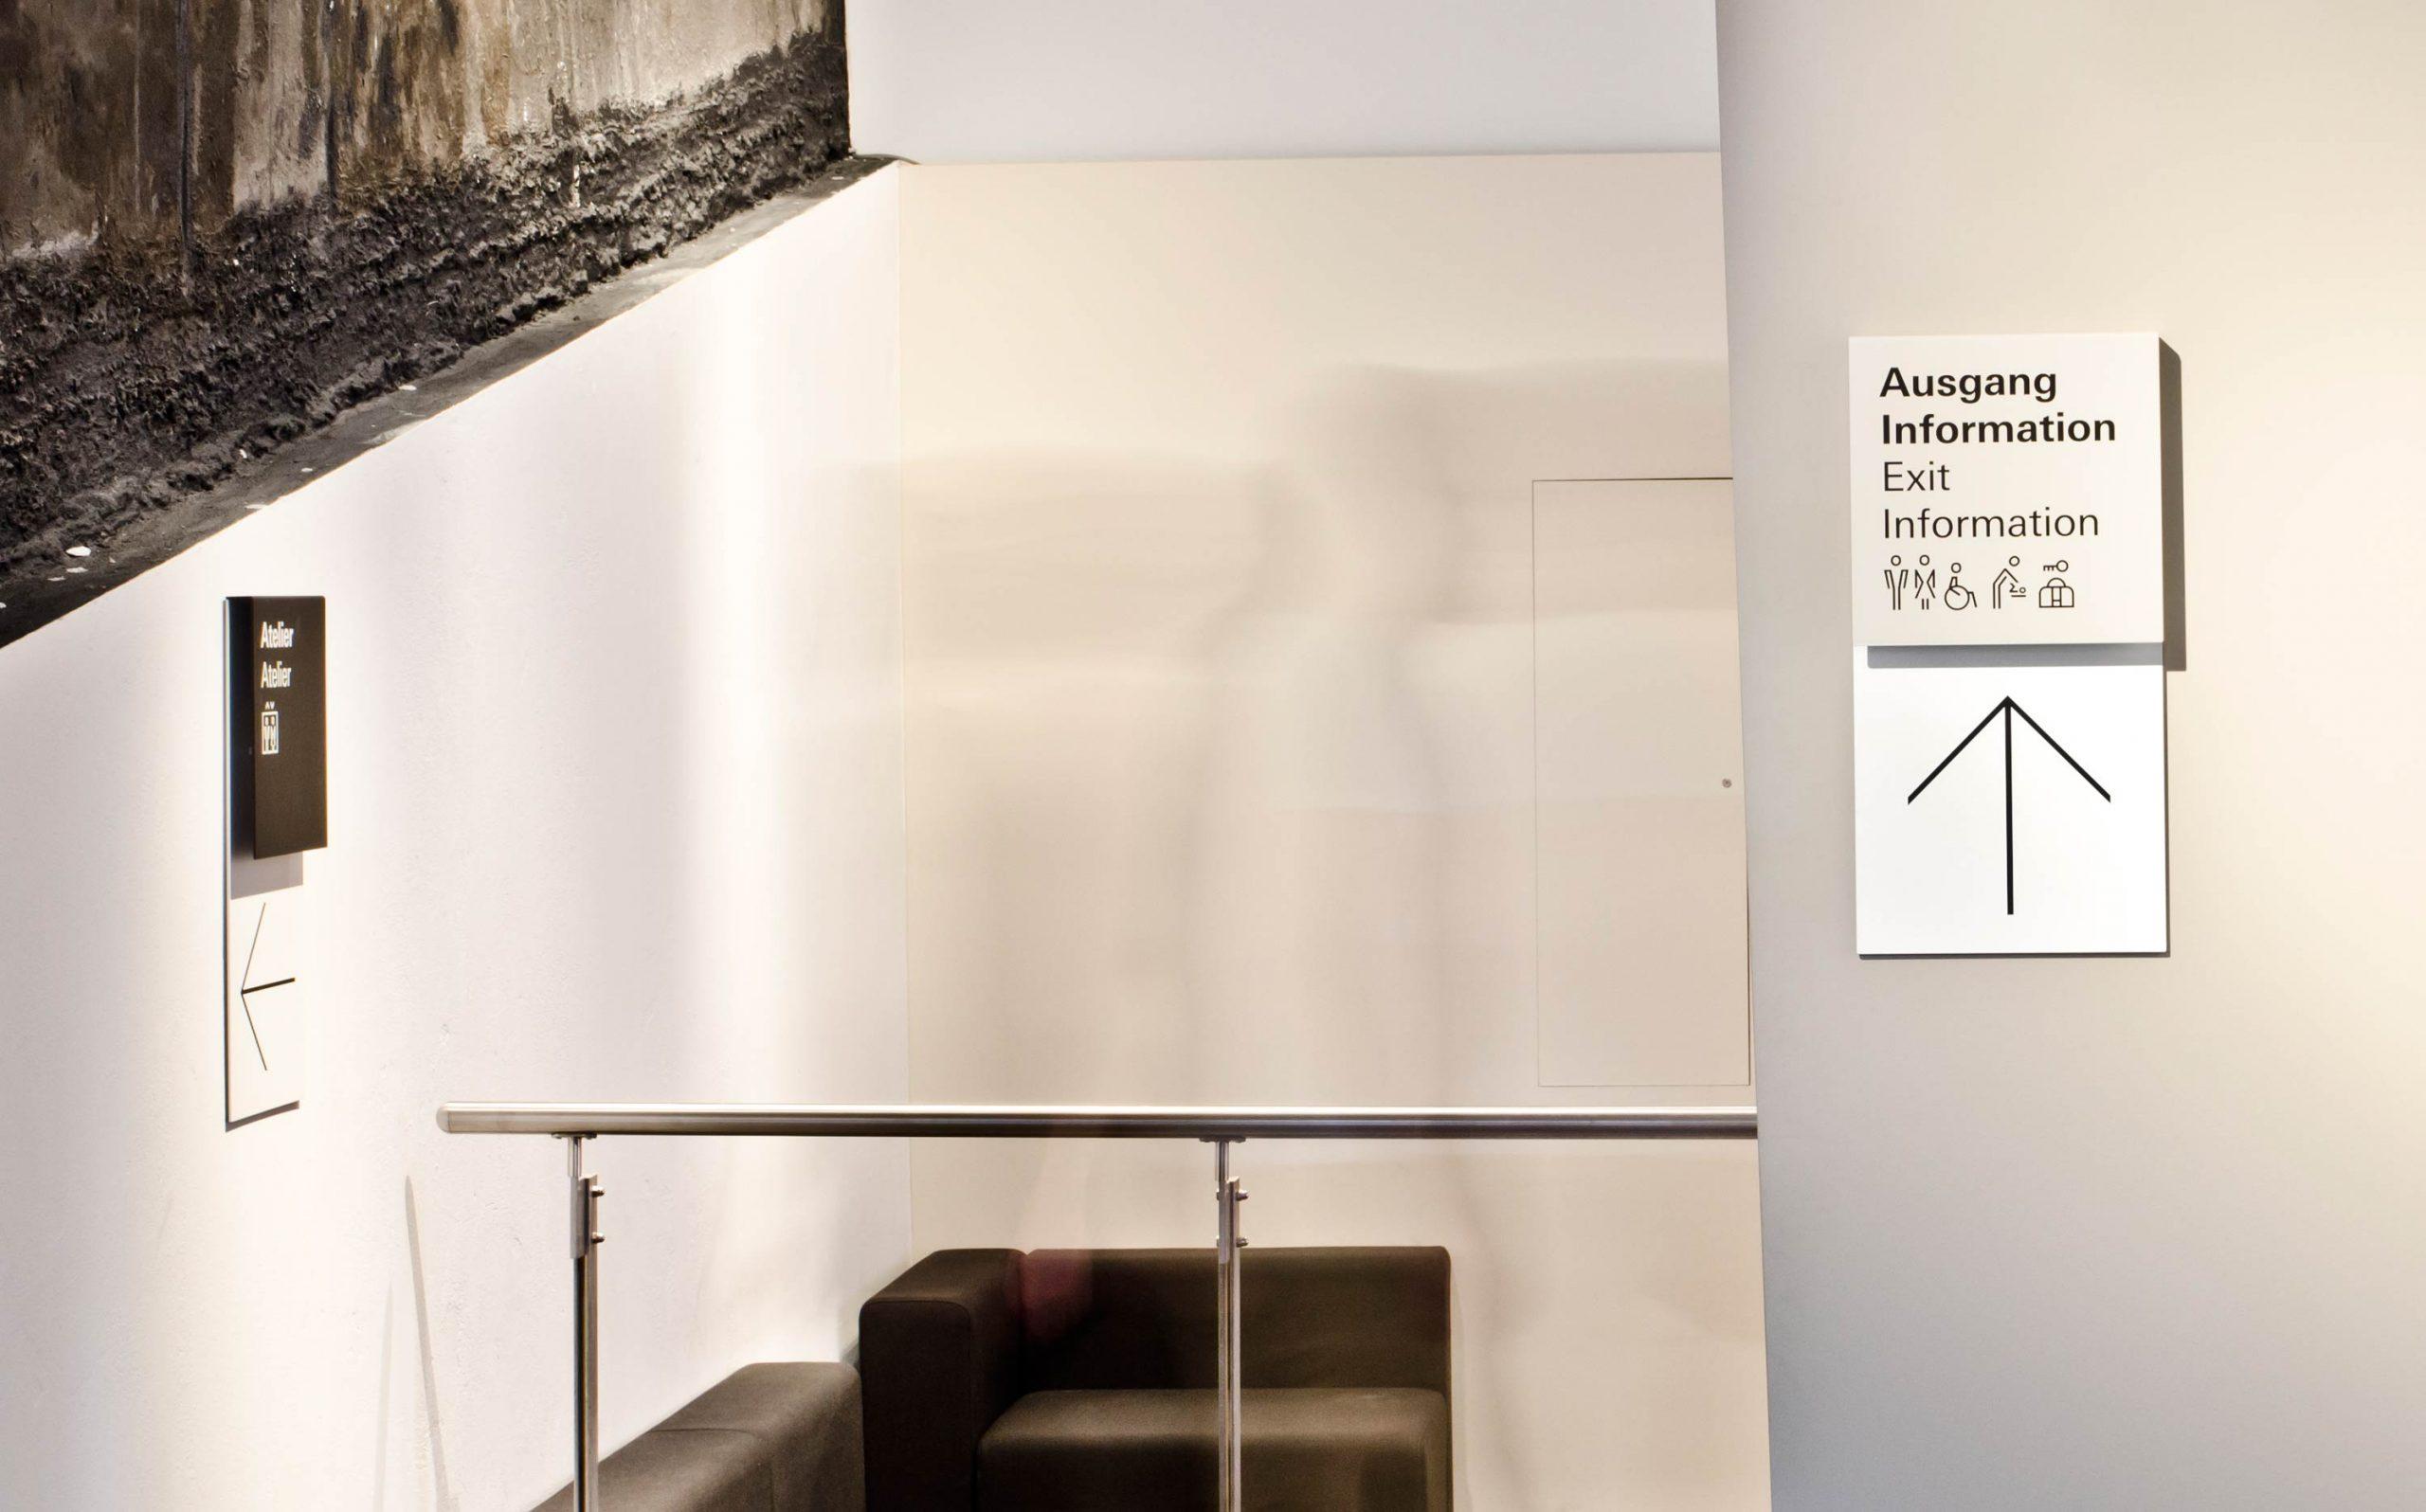 Leitsystem des Museums in der Kulturbrauerei, zwei Schilder, mit Primärinformation auf dem oberen und Richtungsangabe (Pfeil) auf dem unteren Teil, Direkt-Montage auf Innenwände bzw. historische Bestandswände (Denkmalschutz). Wegweiser, Farben: RAL 9002, RAL 9005 und weiß. Elemente: Schrift (Univers Regular und Univers Bold), Pfeile, Icons